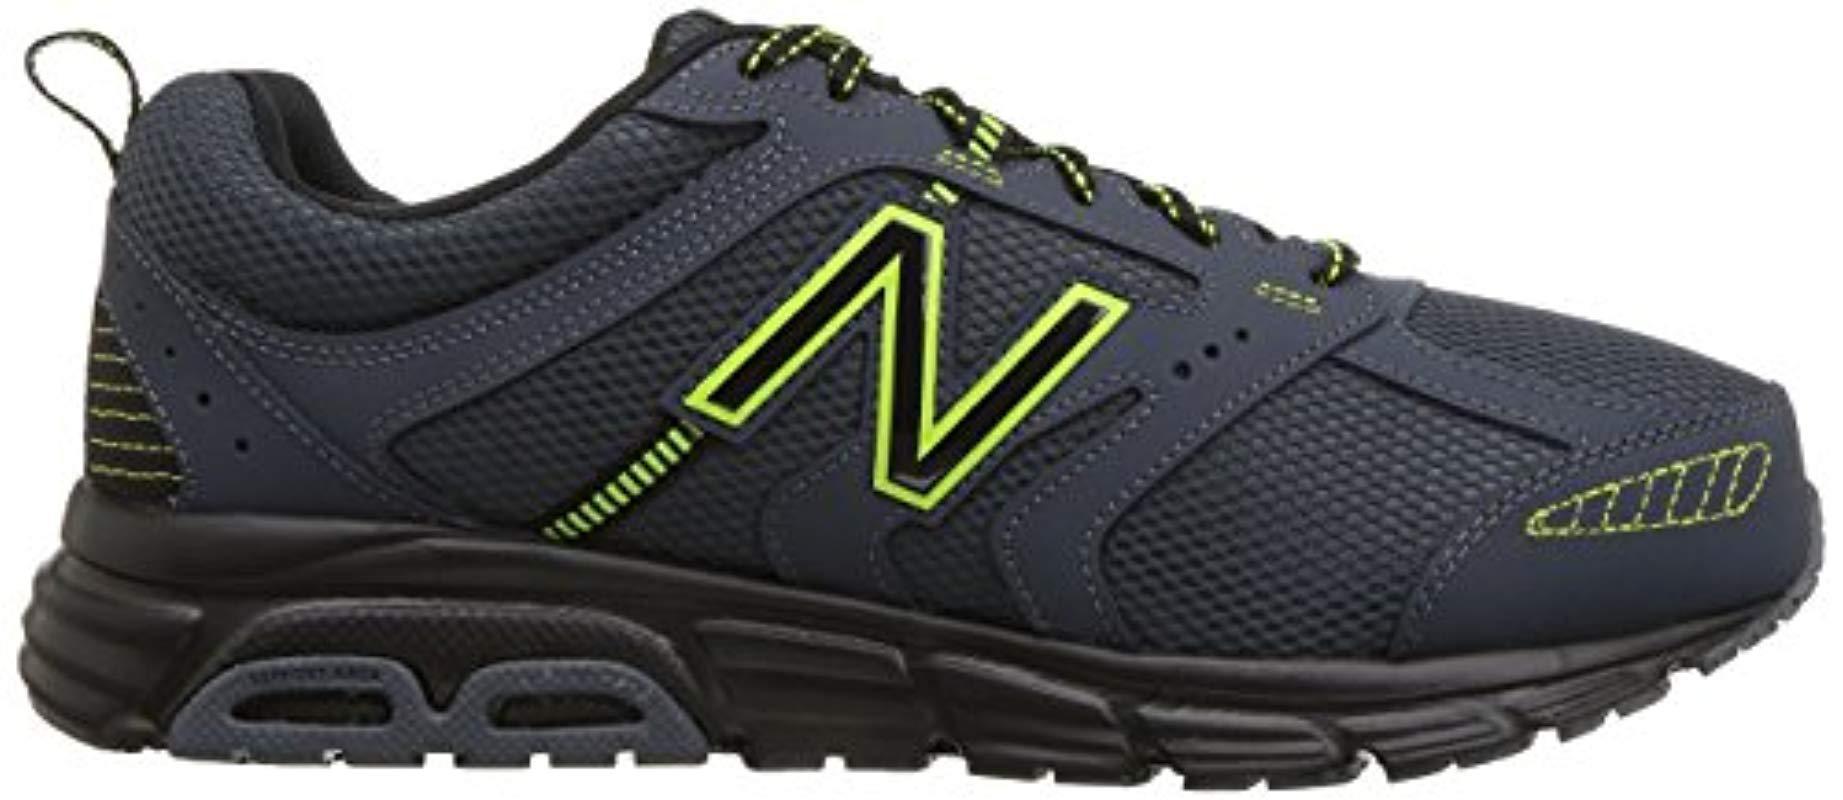 Kauf echt neueste Kollektion am besten online 430v1 Running Shoe